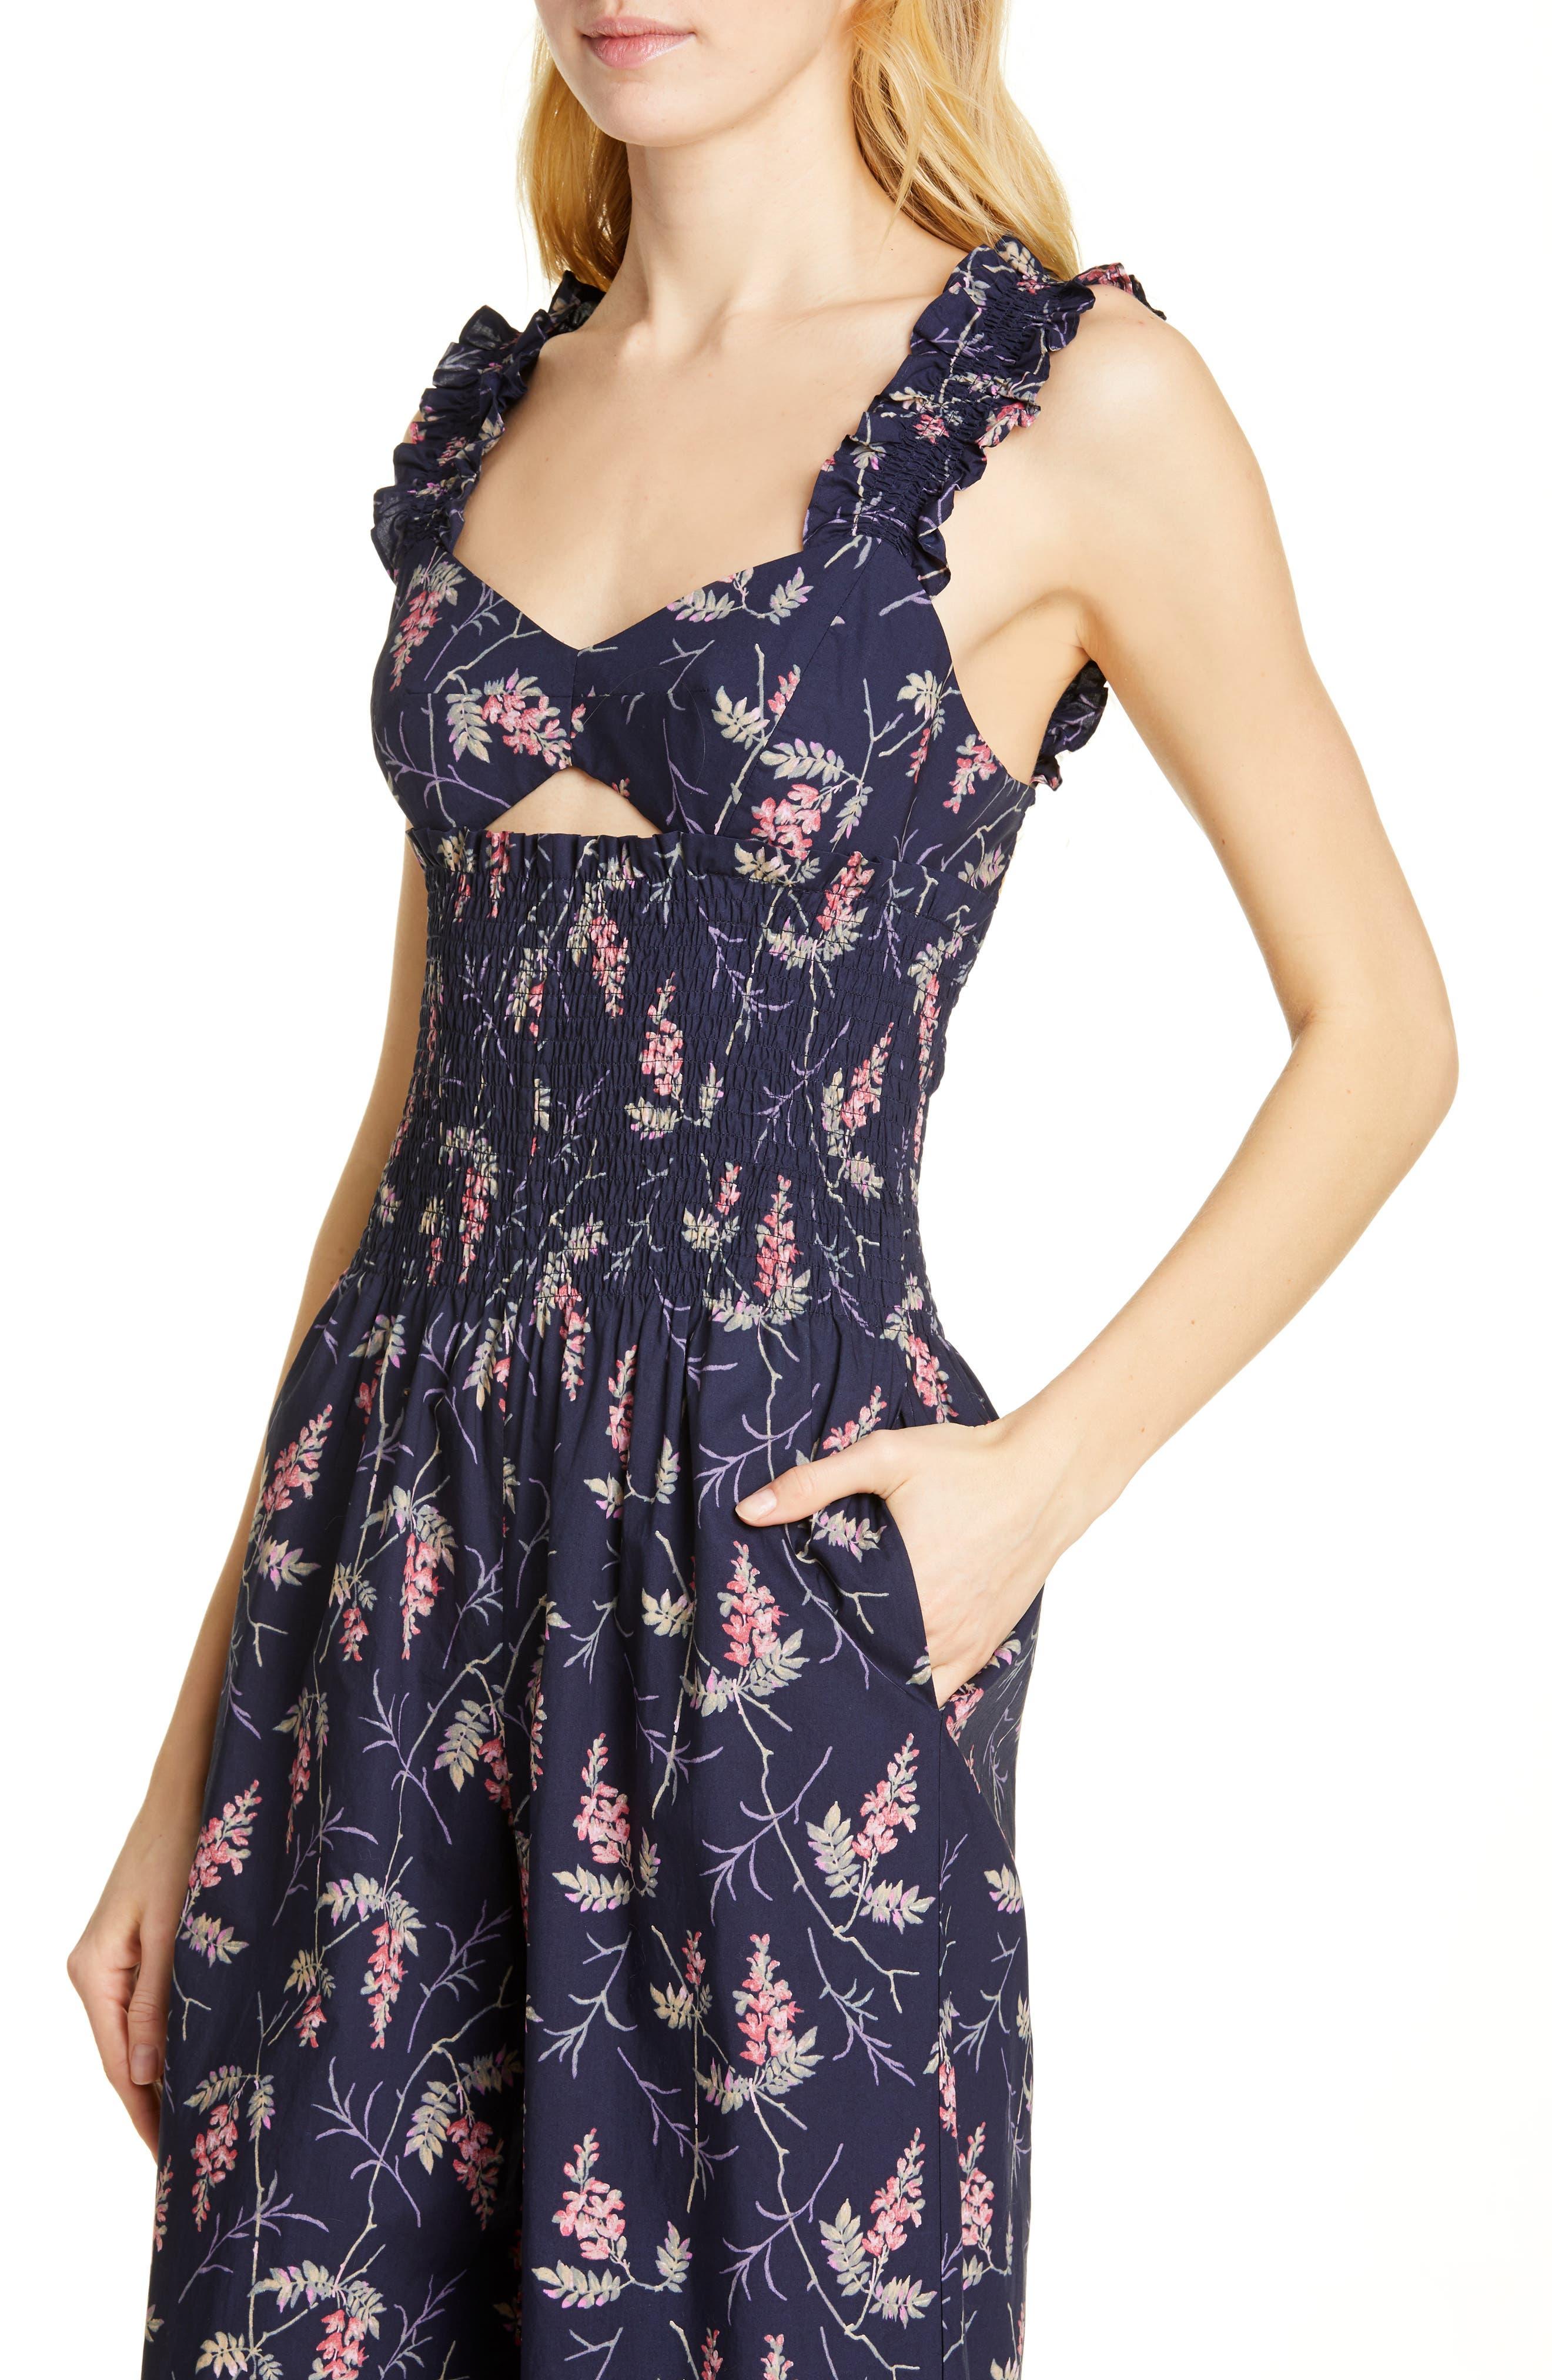 REBECCA TAYLOR, Ivie Floral Cotton Jumpsuit, Alternate thumbnail 4, color, NAVY COMBO